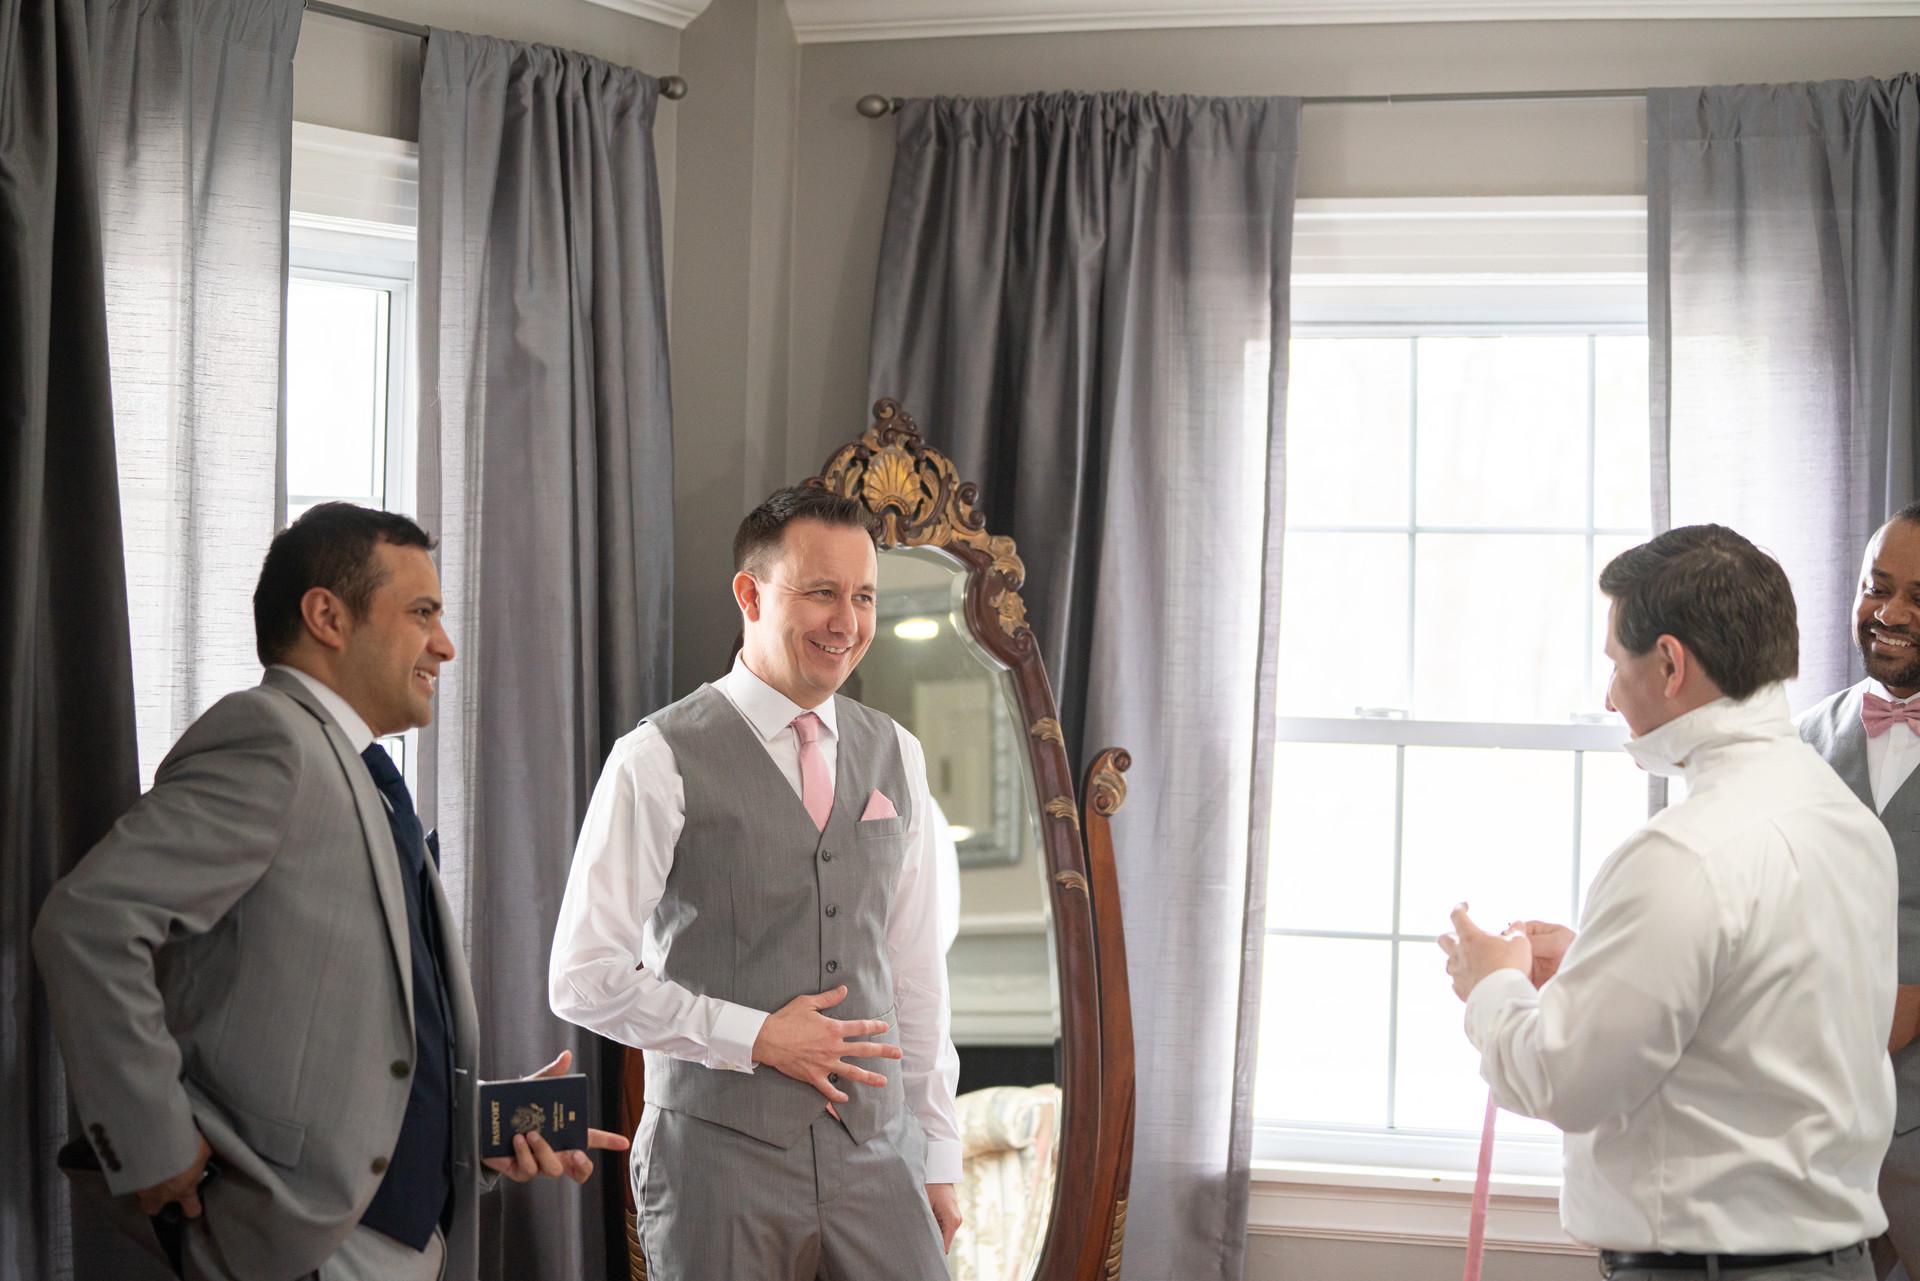 Alvarez Wedding (42).jpg